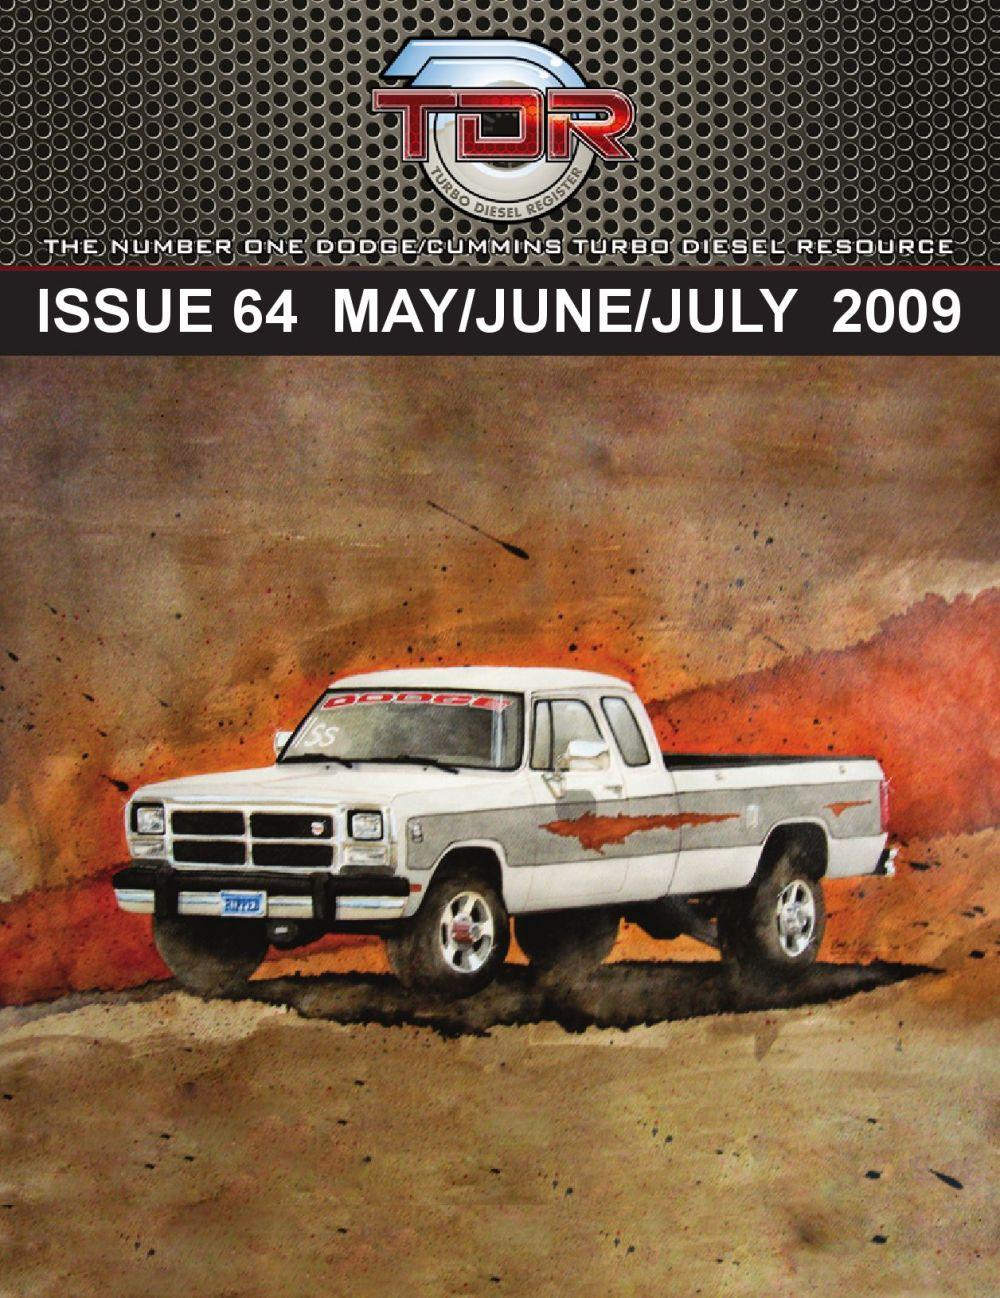 medium resolution of turbo diesel register issue 64